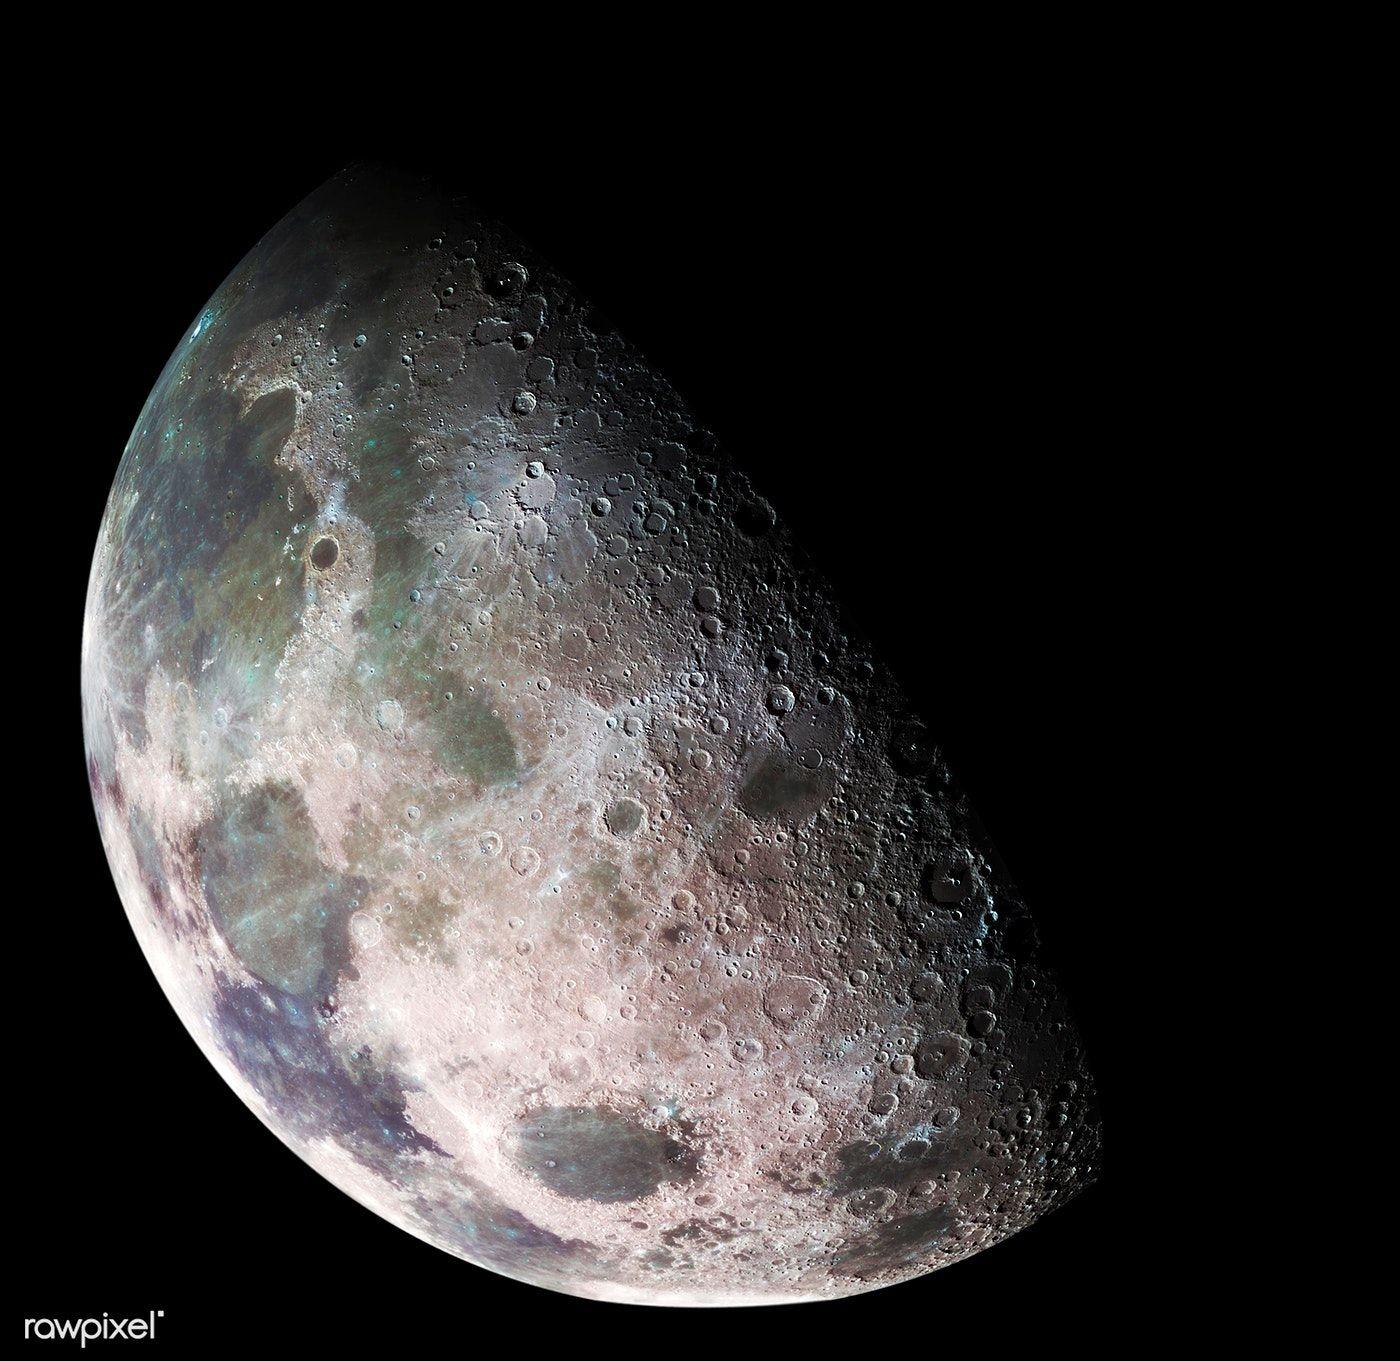 Moon North Polar Mosaic Original From Nasa Digitally Enhanced By Rawpixel Free Image By Rawpixel Com Nasa Source In 2020 Jupiter Moons Nasa Saturns Moons